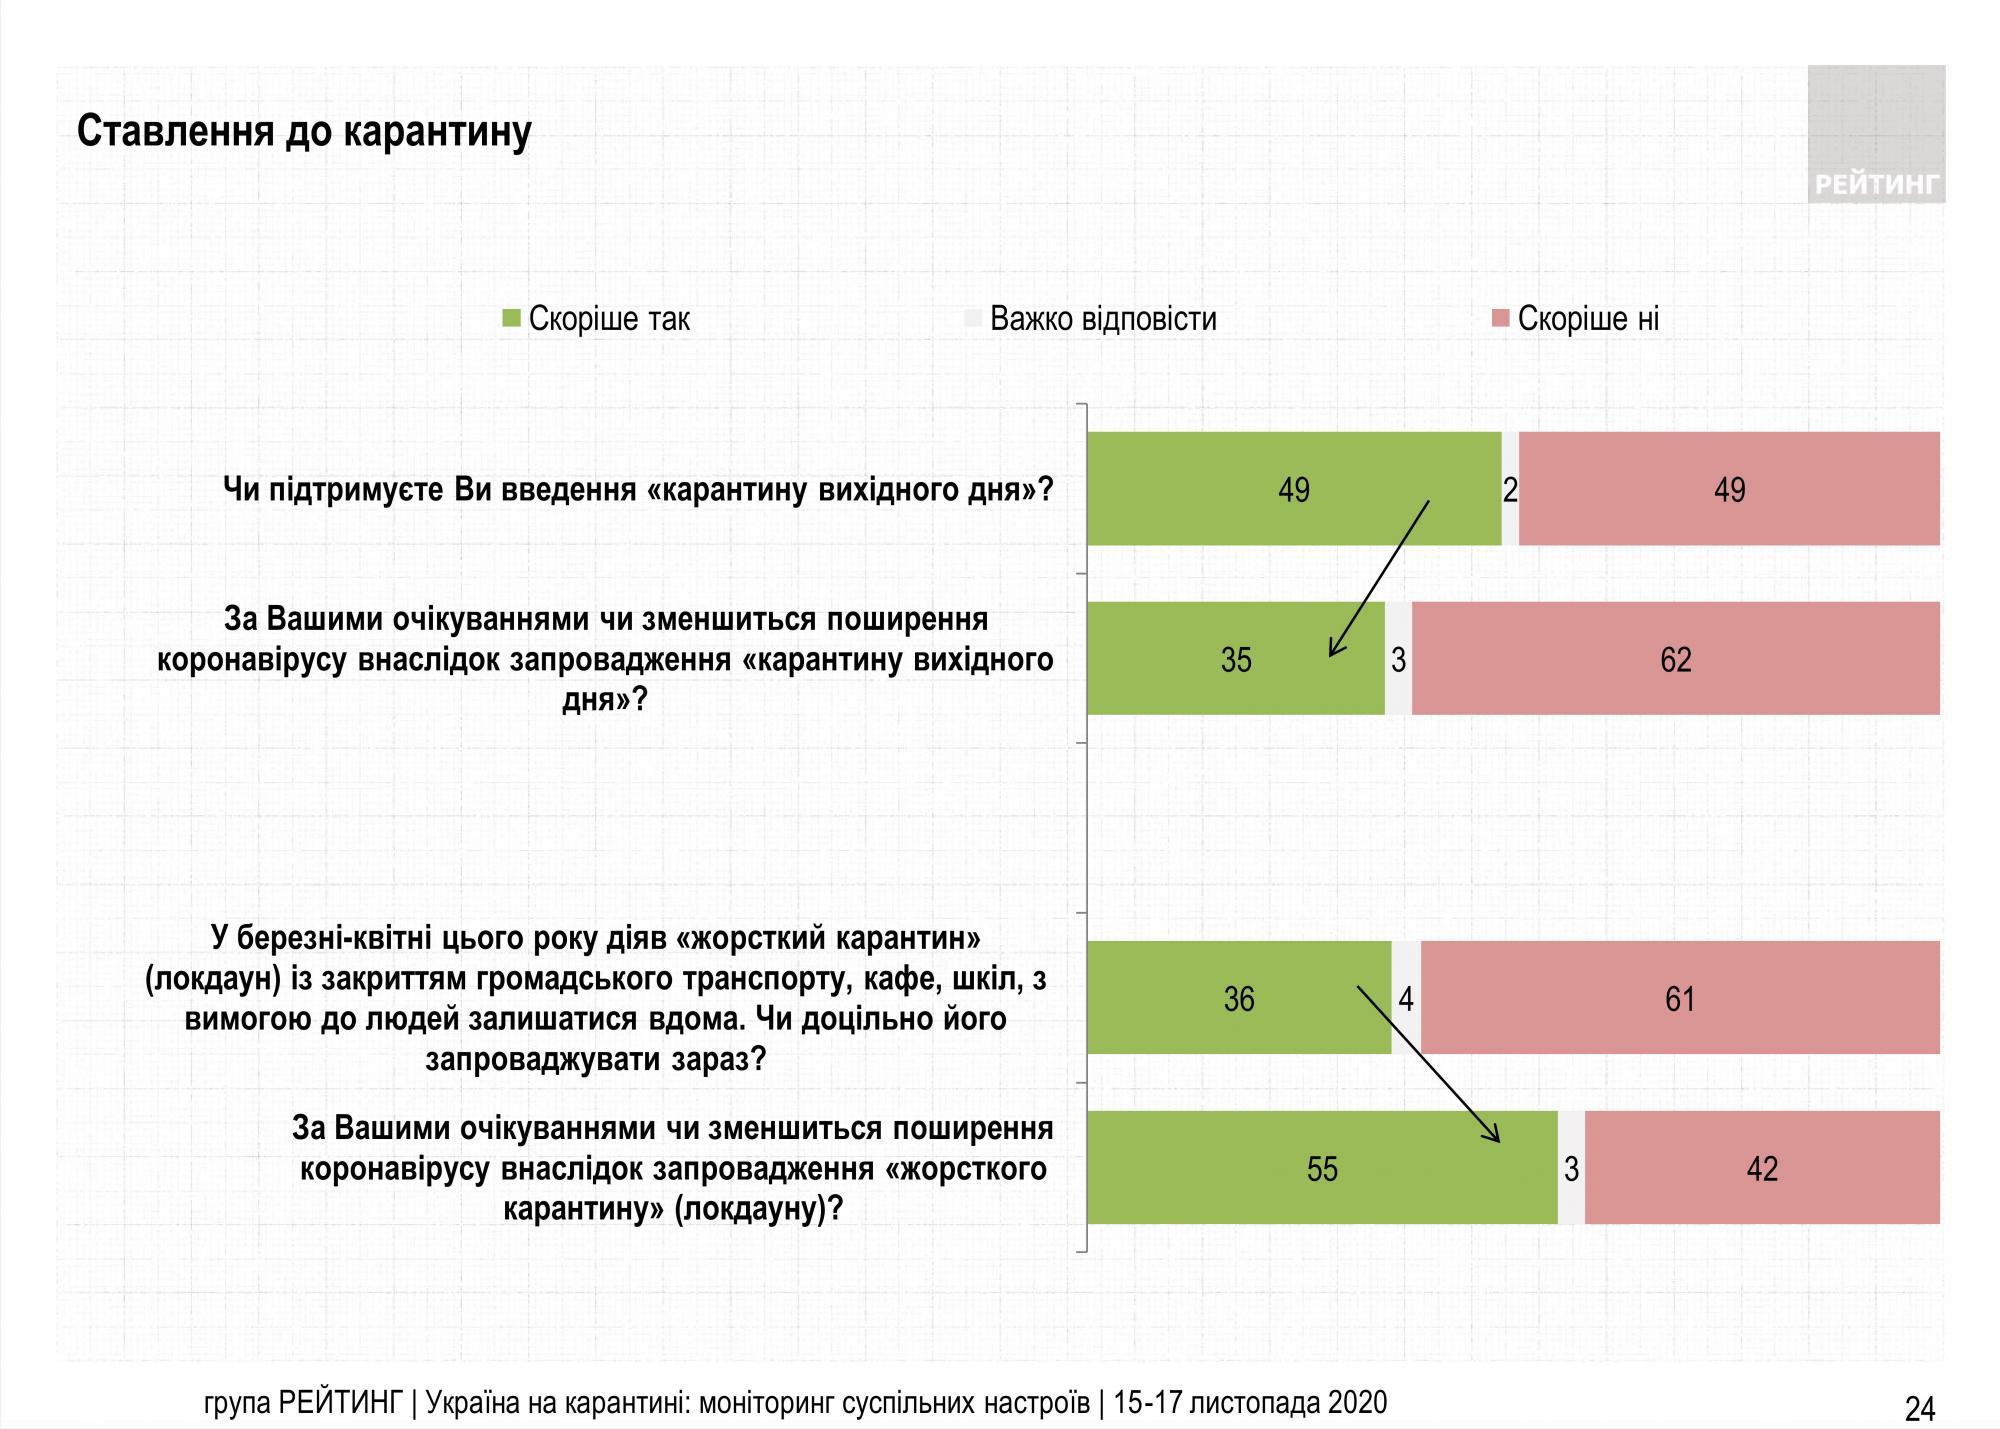 Карантин выходного дня разделил украинцев: половина страны против ограничений